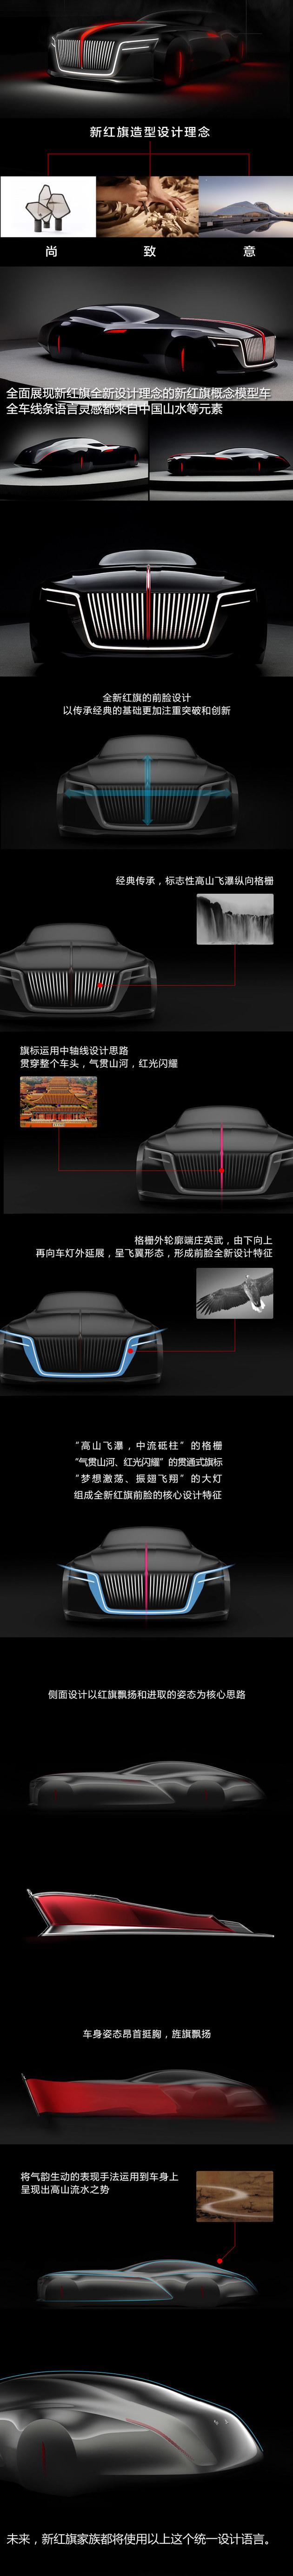 靳东/郎平等大咖助阵 新红旗概念车发布